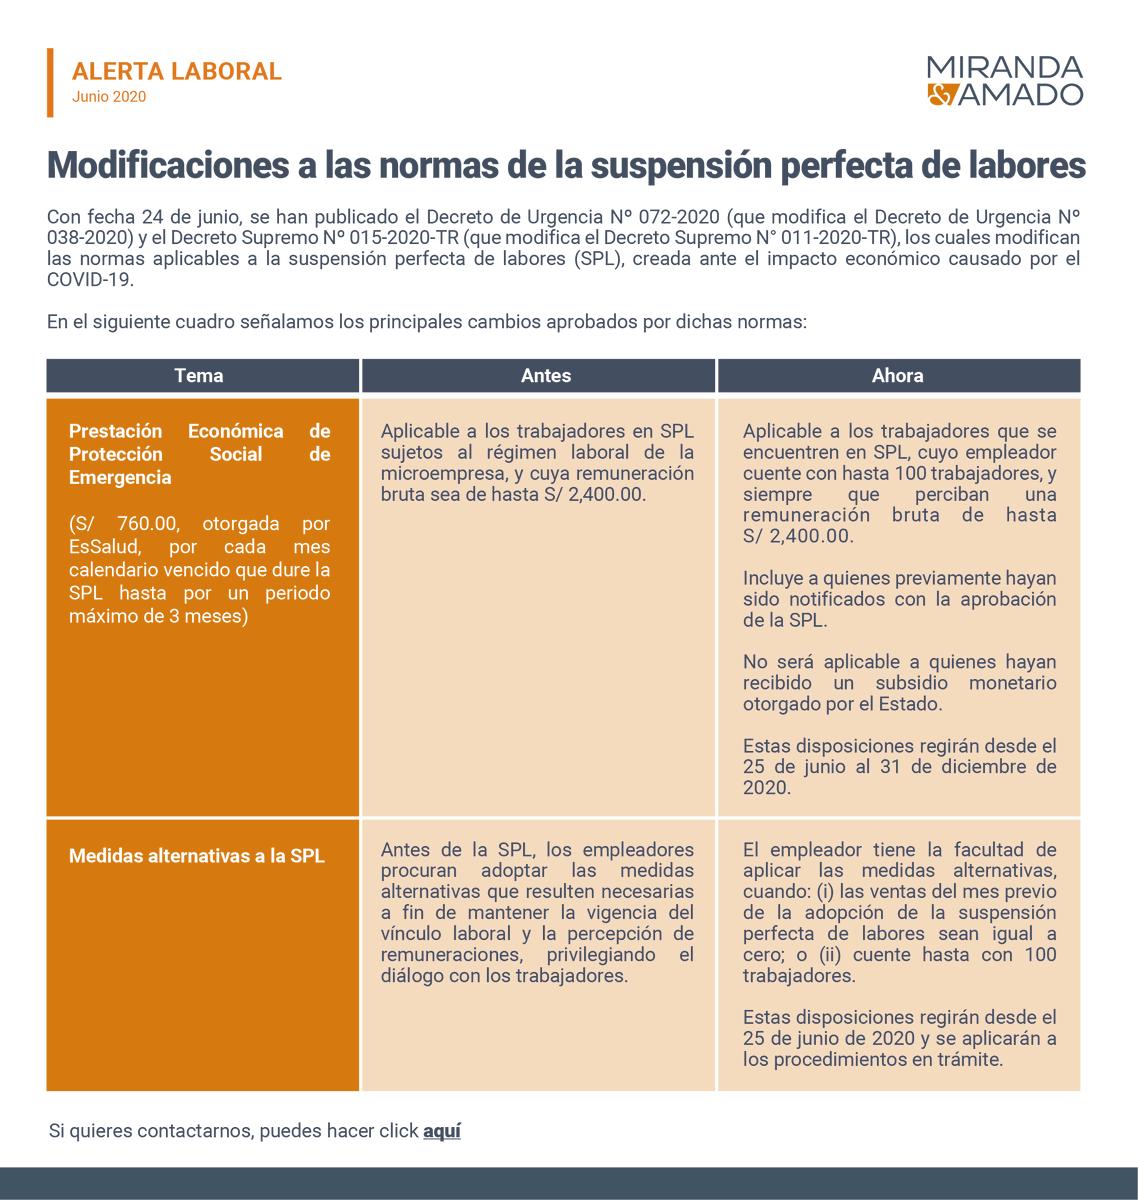 #AlertaLaboral | Modificaciones a las normas de la suspensión perfecta de labores Mira el detalle: bit.ly/31fcwTu